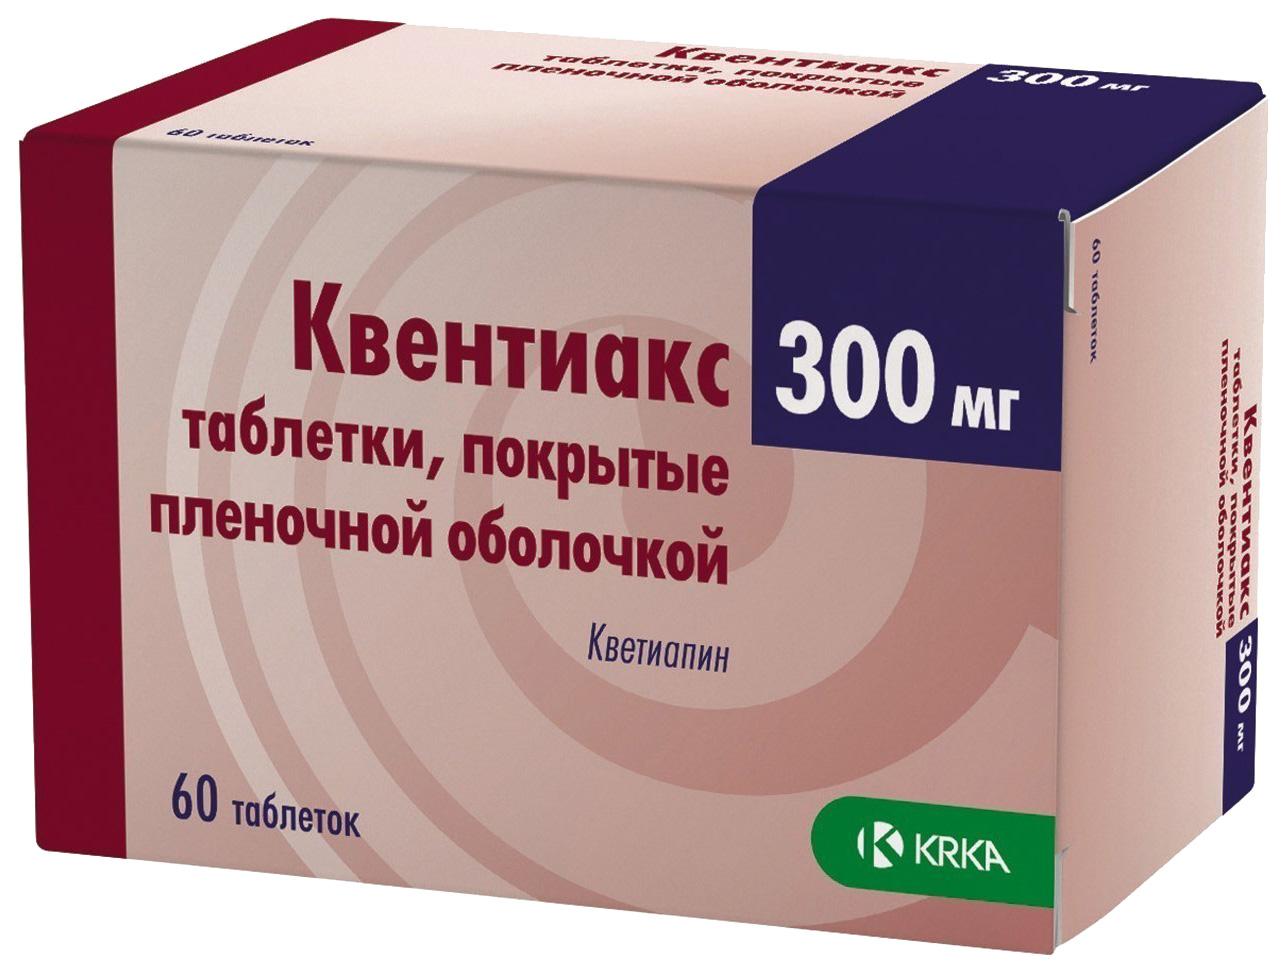 Квентиакс таблетки 300 мг 60 шт.